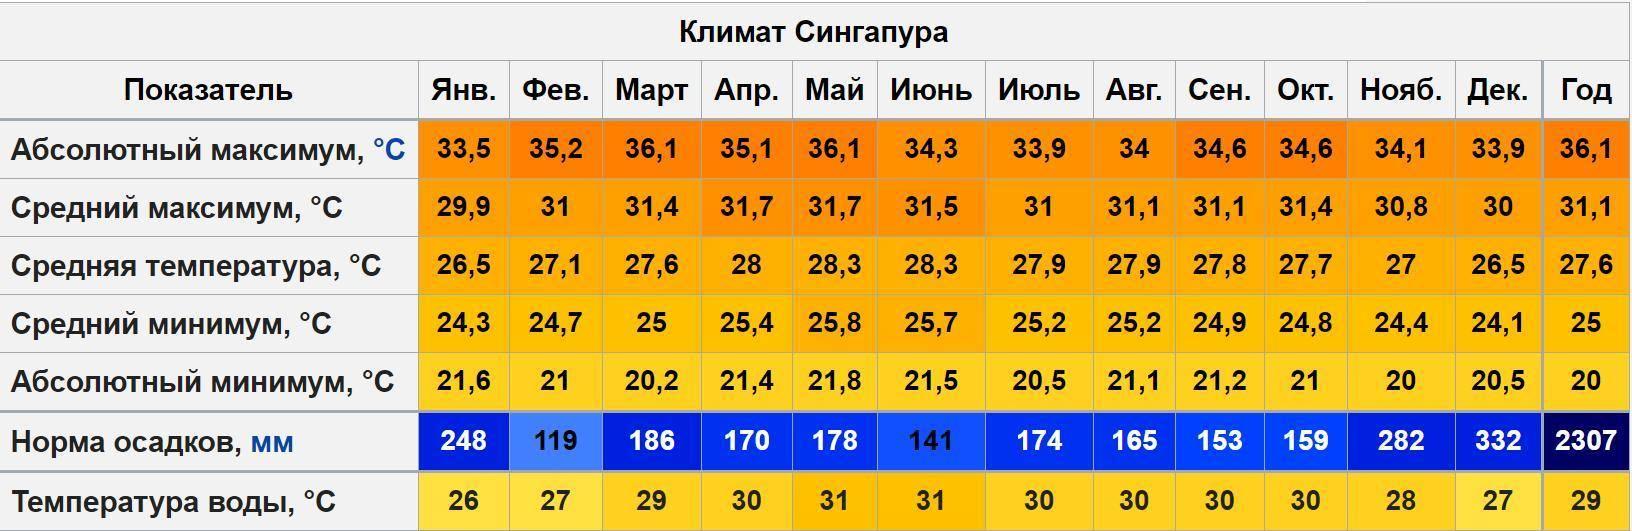 Эгейское побережье турции: список и карта лучших курортов, фото побережья, особенности климата